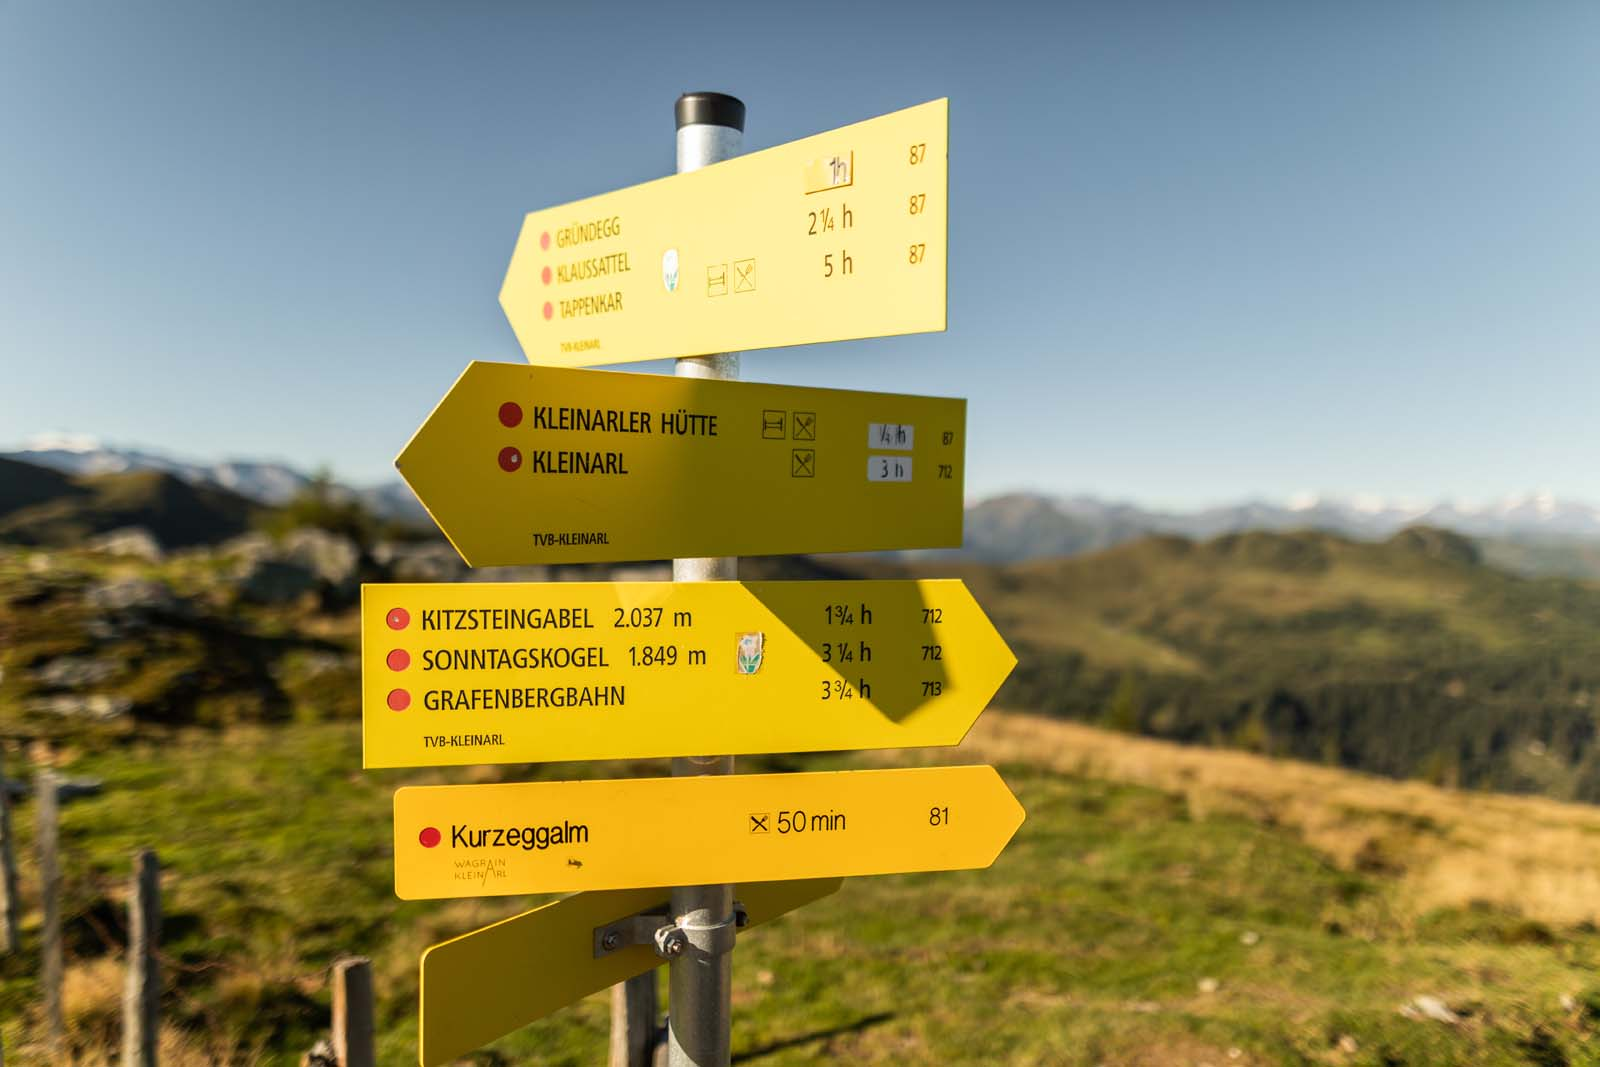 Excursion destination Kleinarler Hütte, hiking in Wagrain-Kleinarl, hiking routes